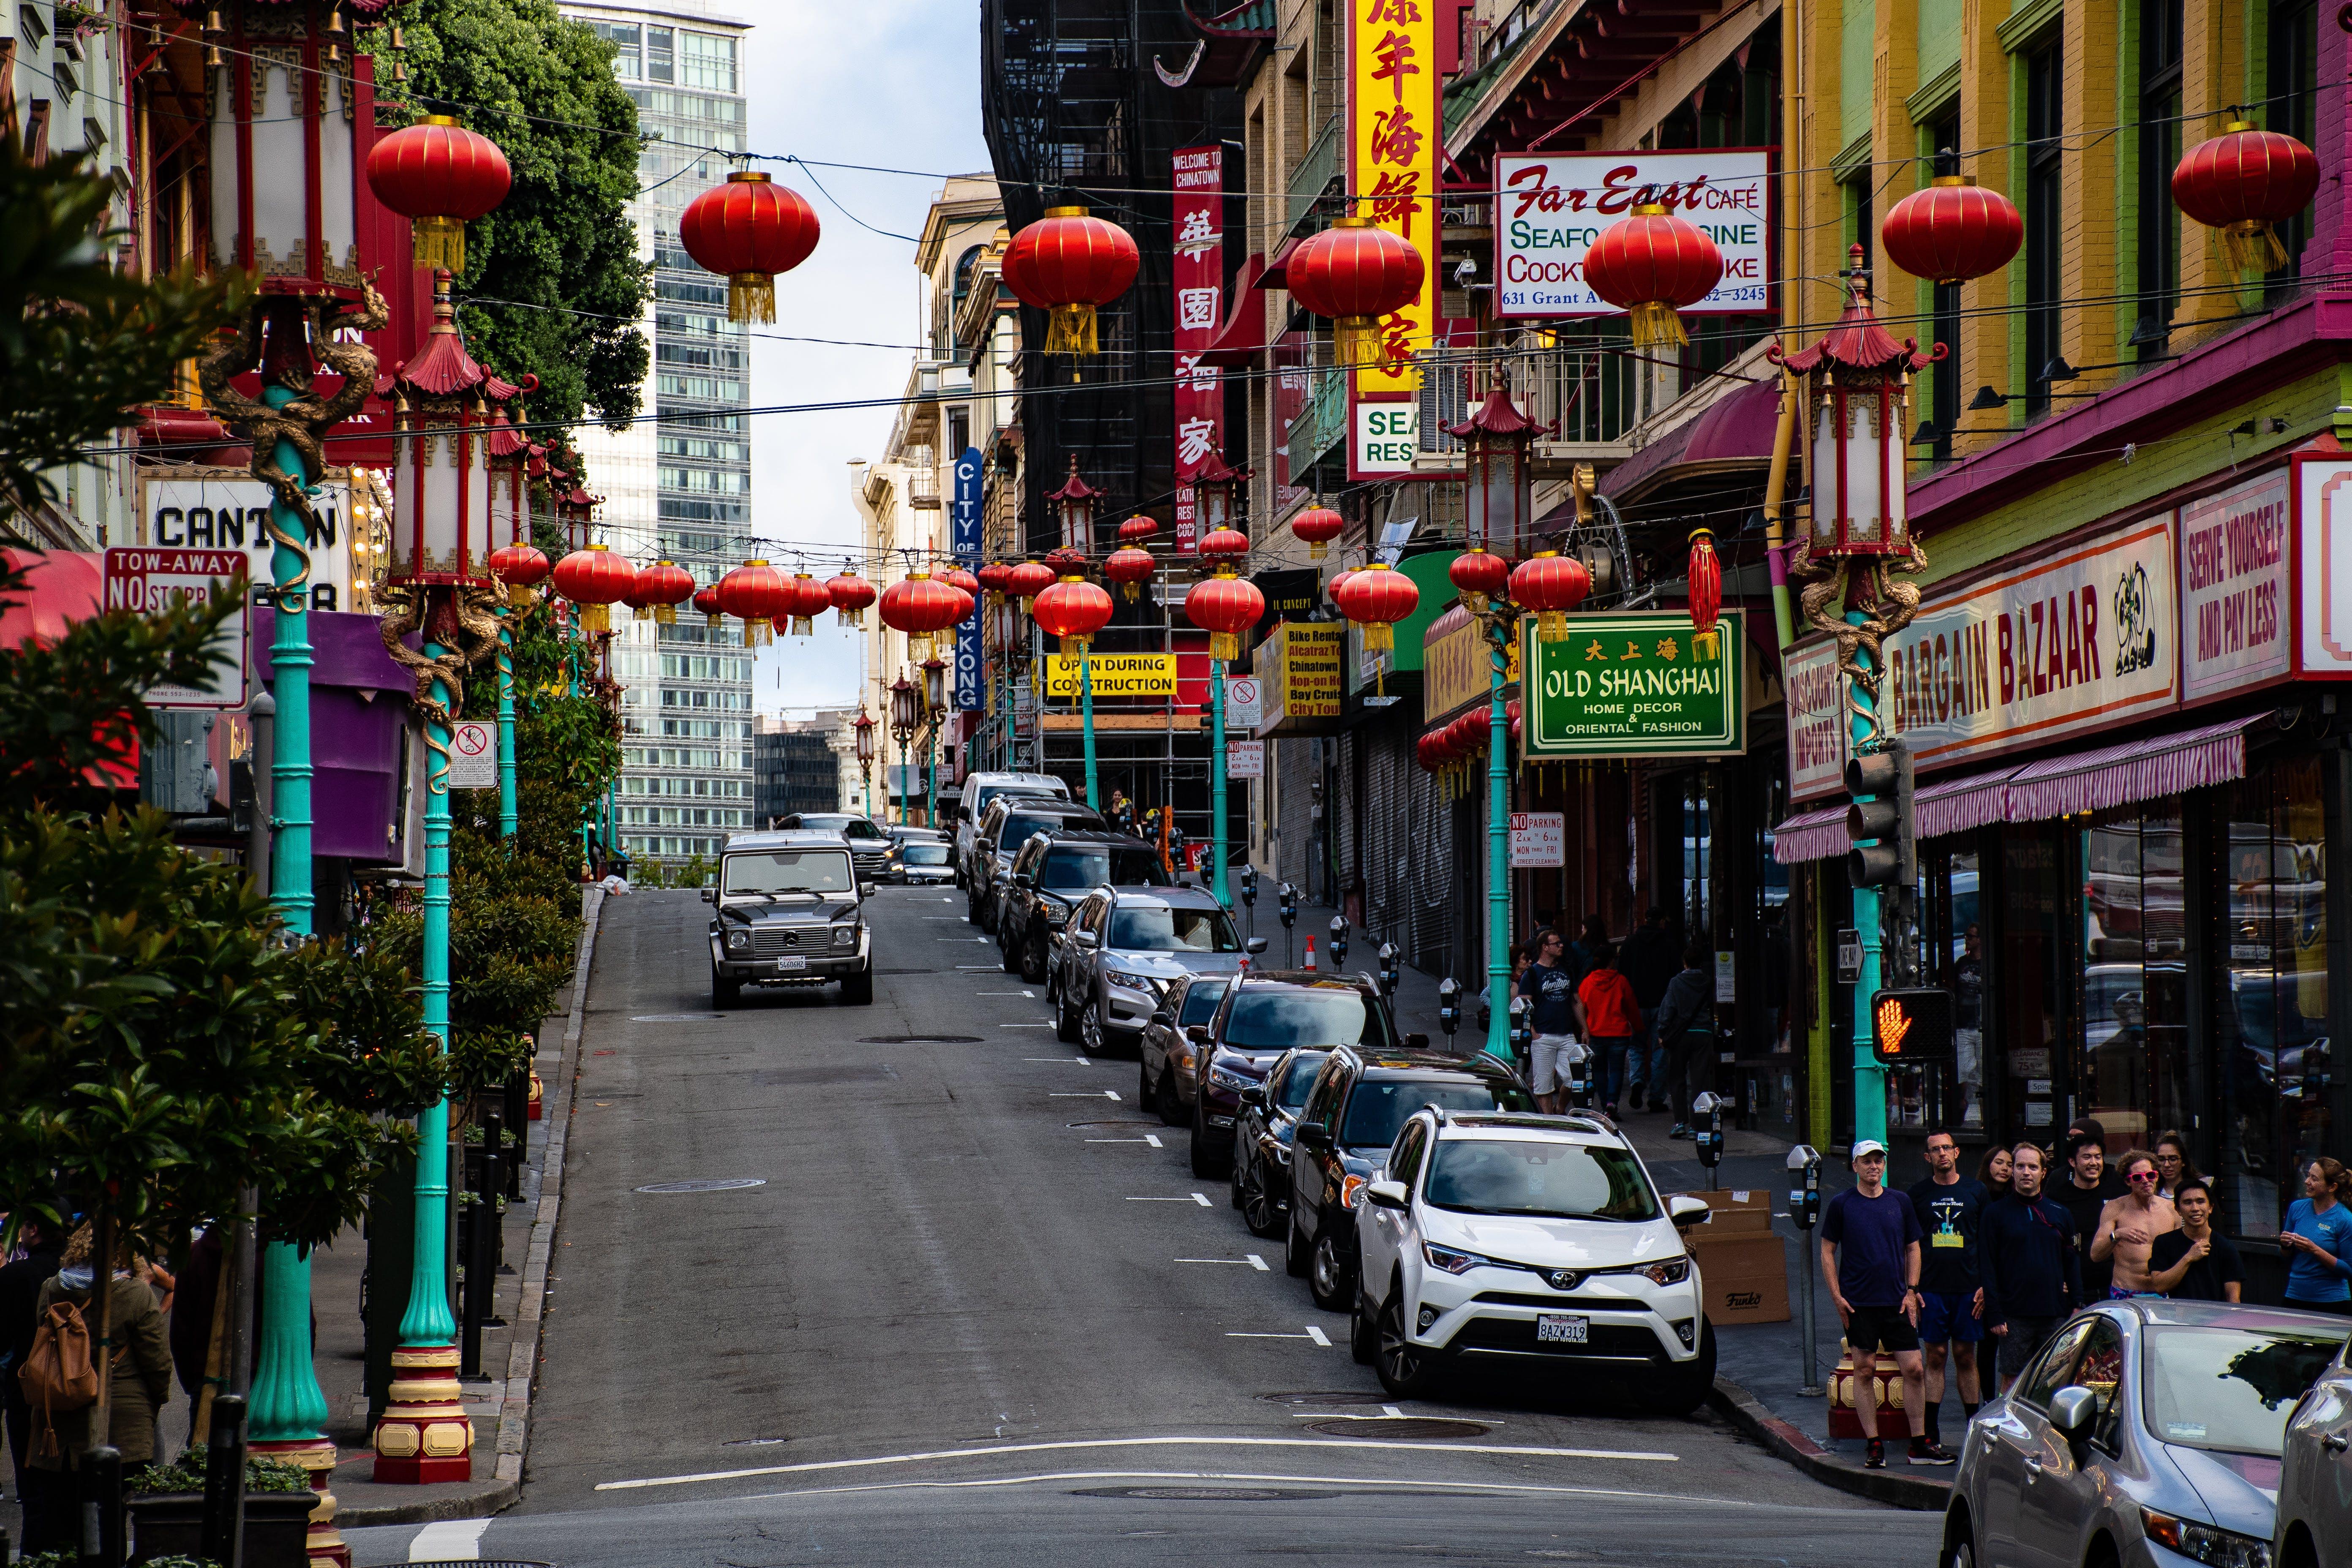 お店, シティ, ショッピング, チャイナタウンの無料の写真素材